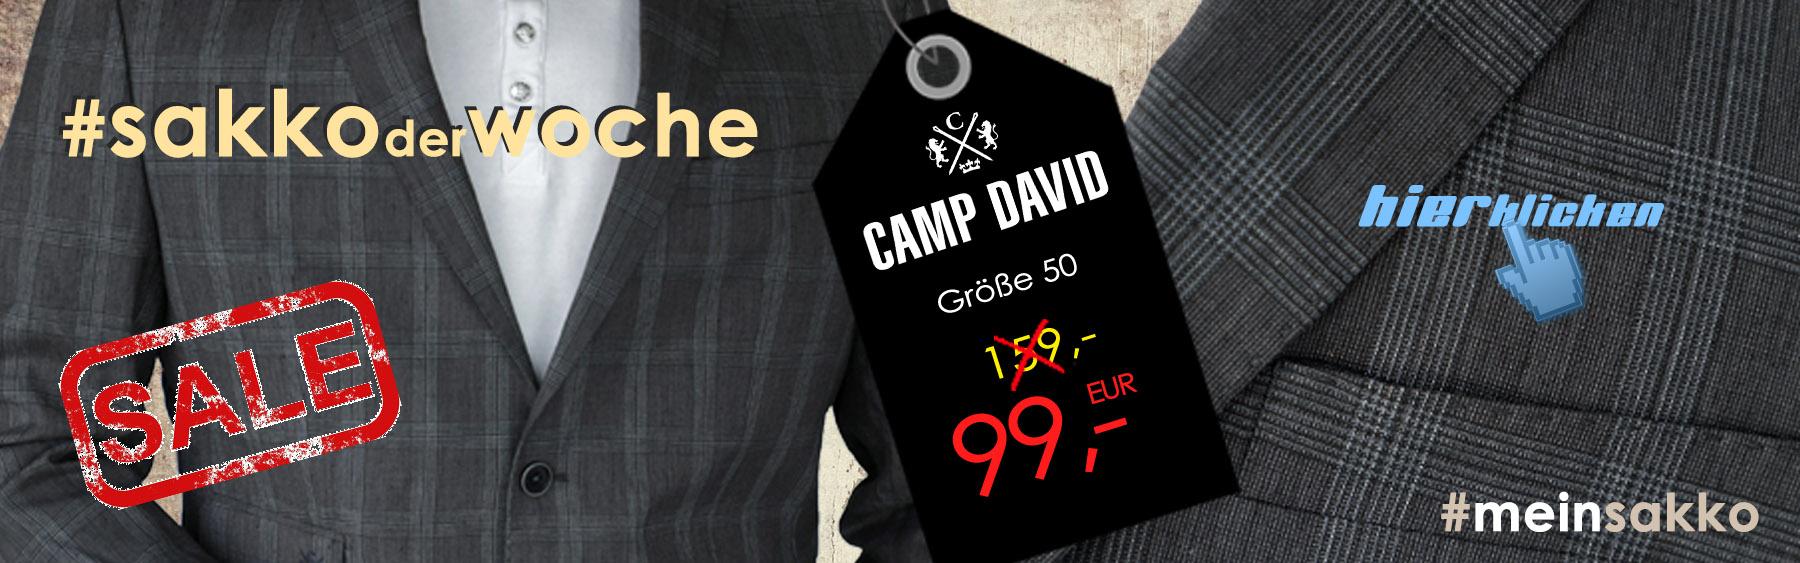 sakkos günstig marken camp david herren